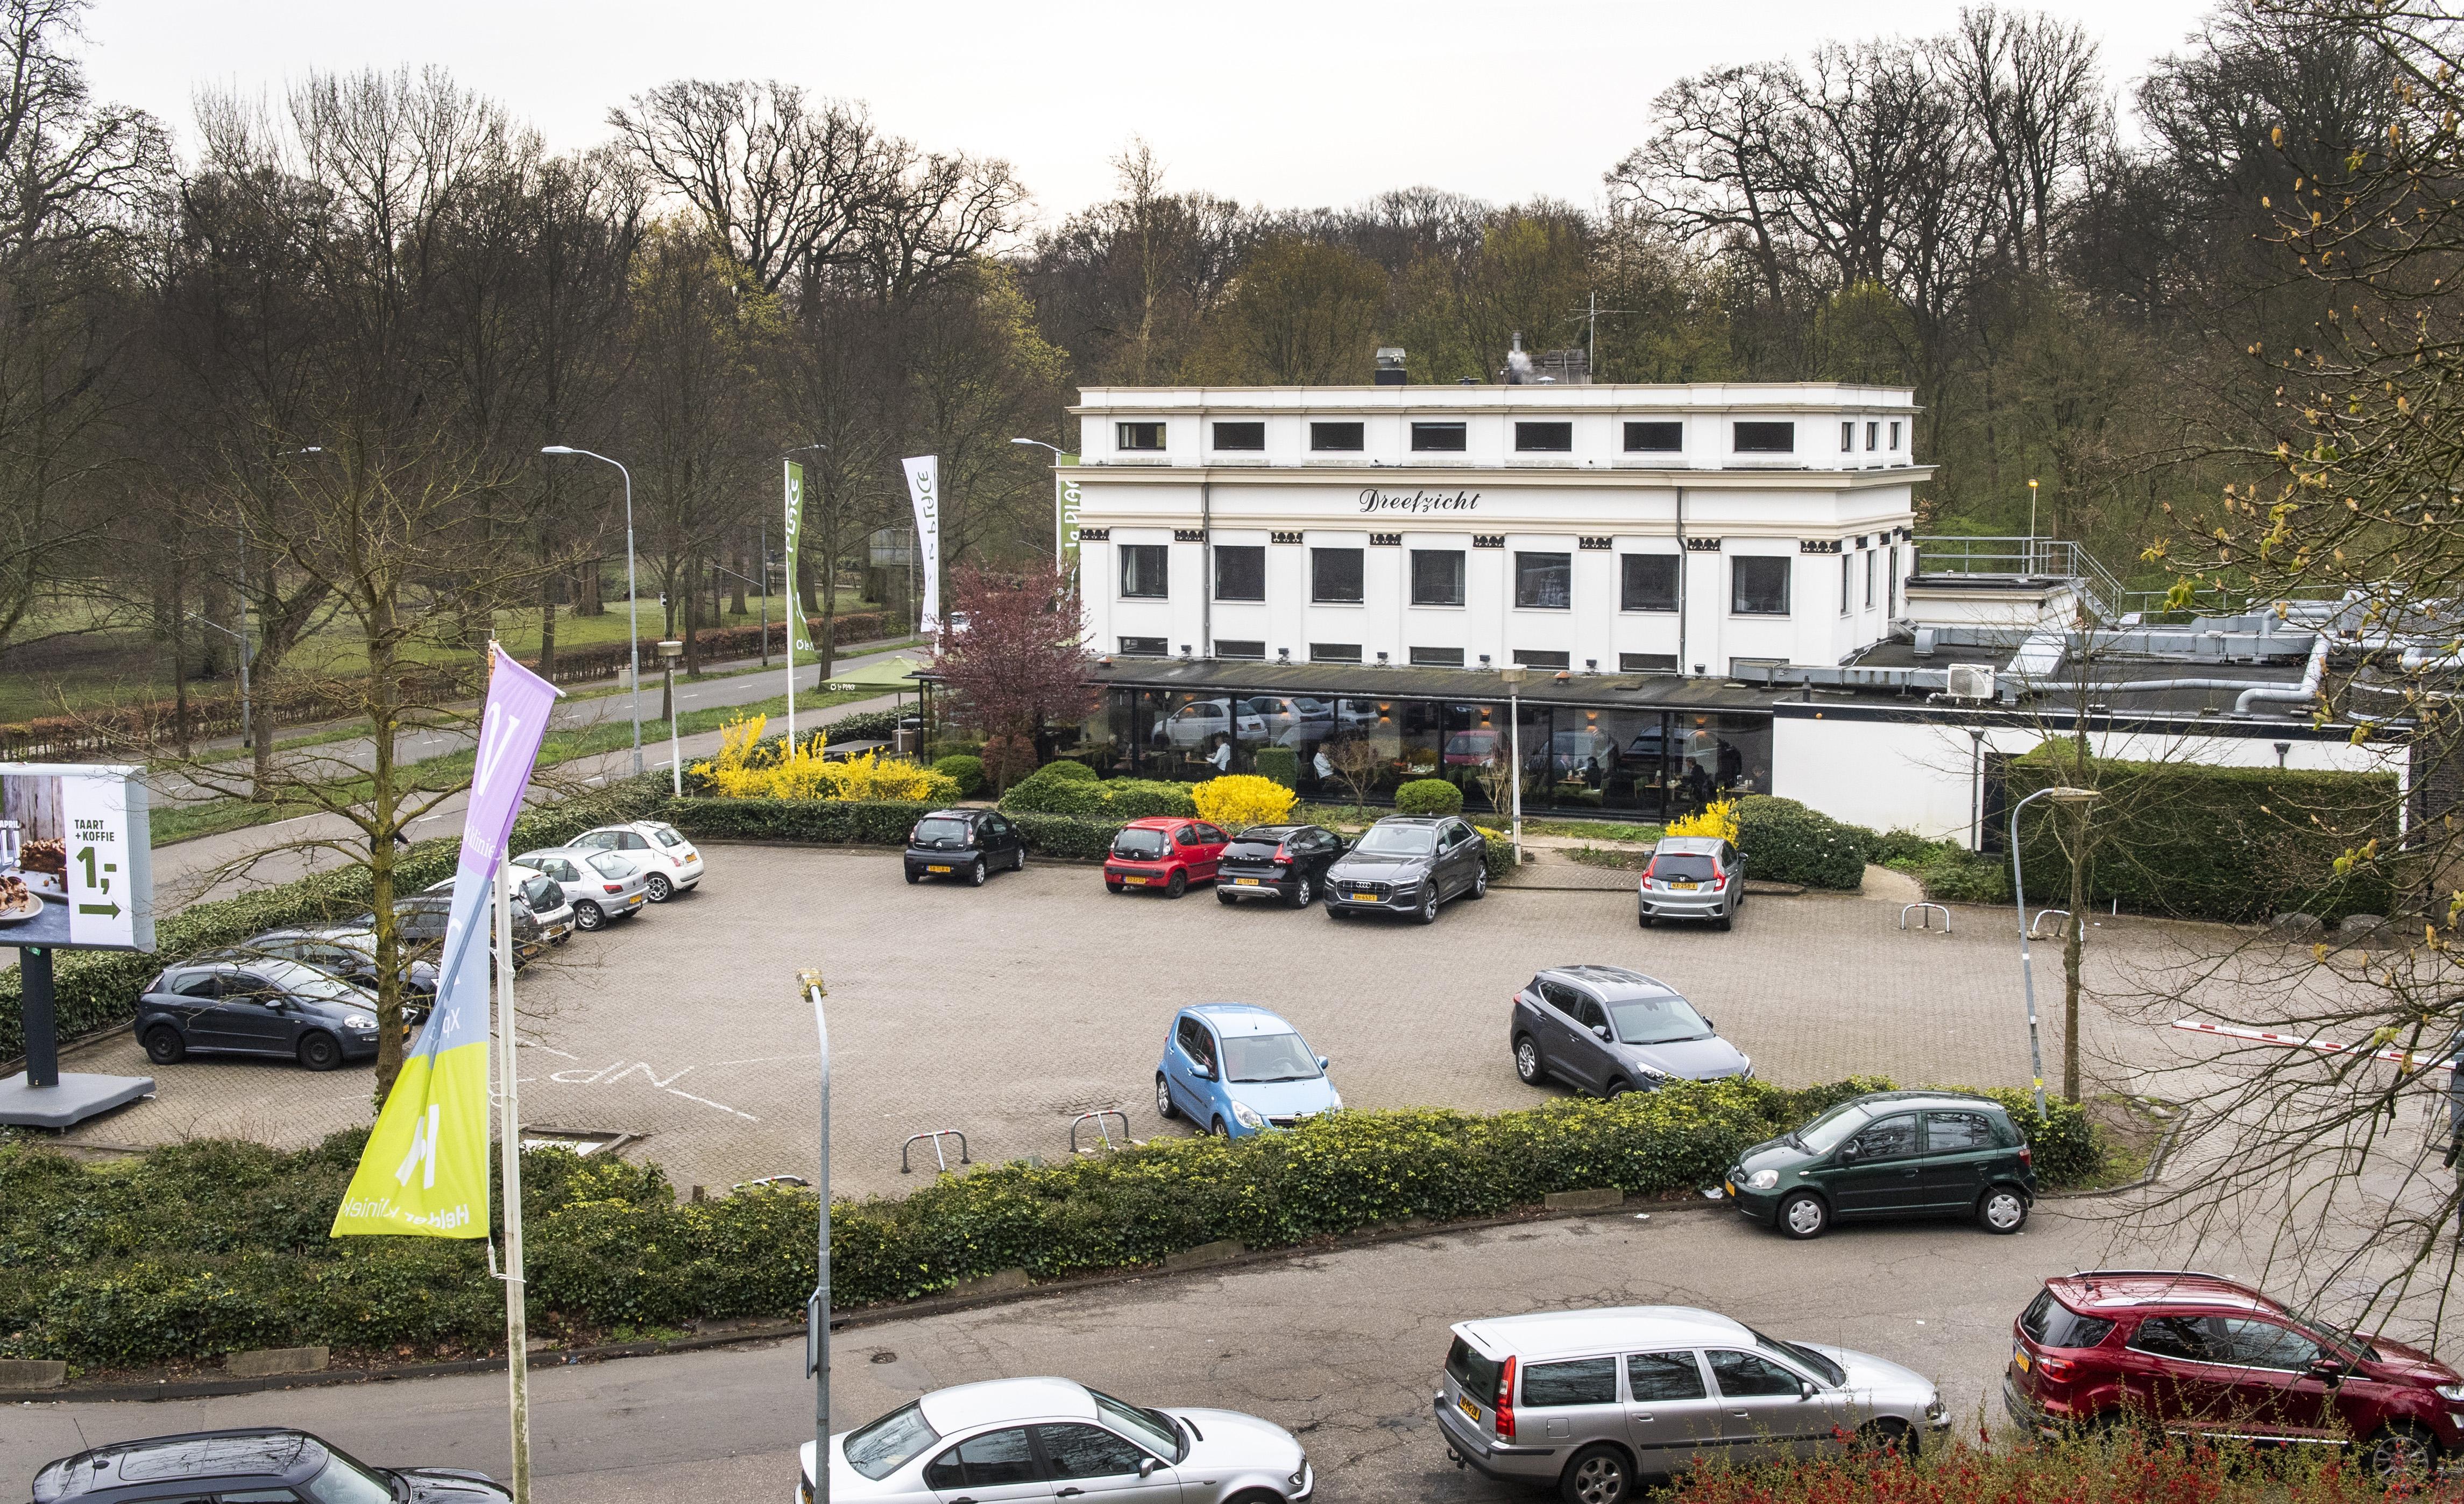 La Place blijft in Haarlem in Dreefzicht, in Cruquius en Hoofddorp: eigenaar Jumbo ziet de toekomst hier rooskleurig in